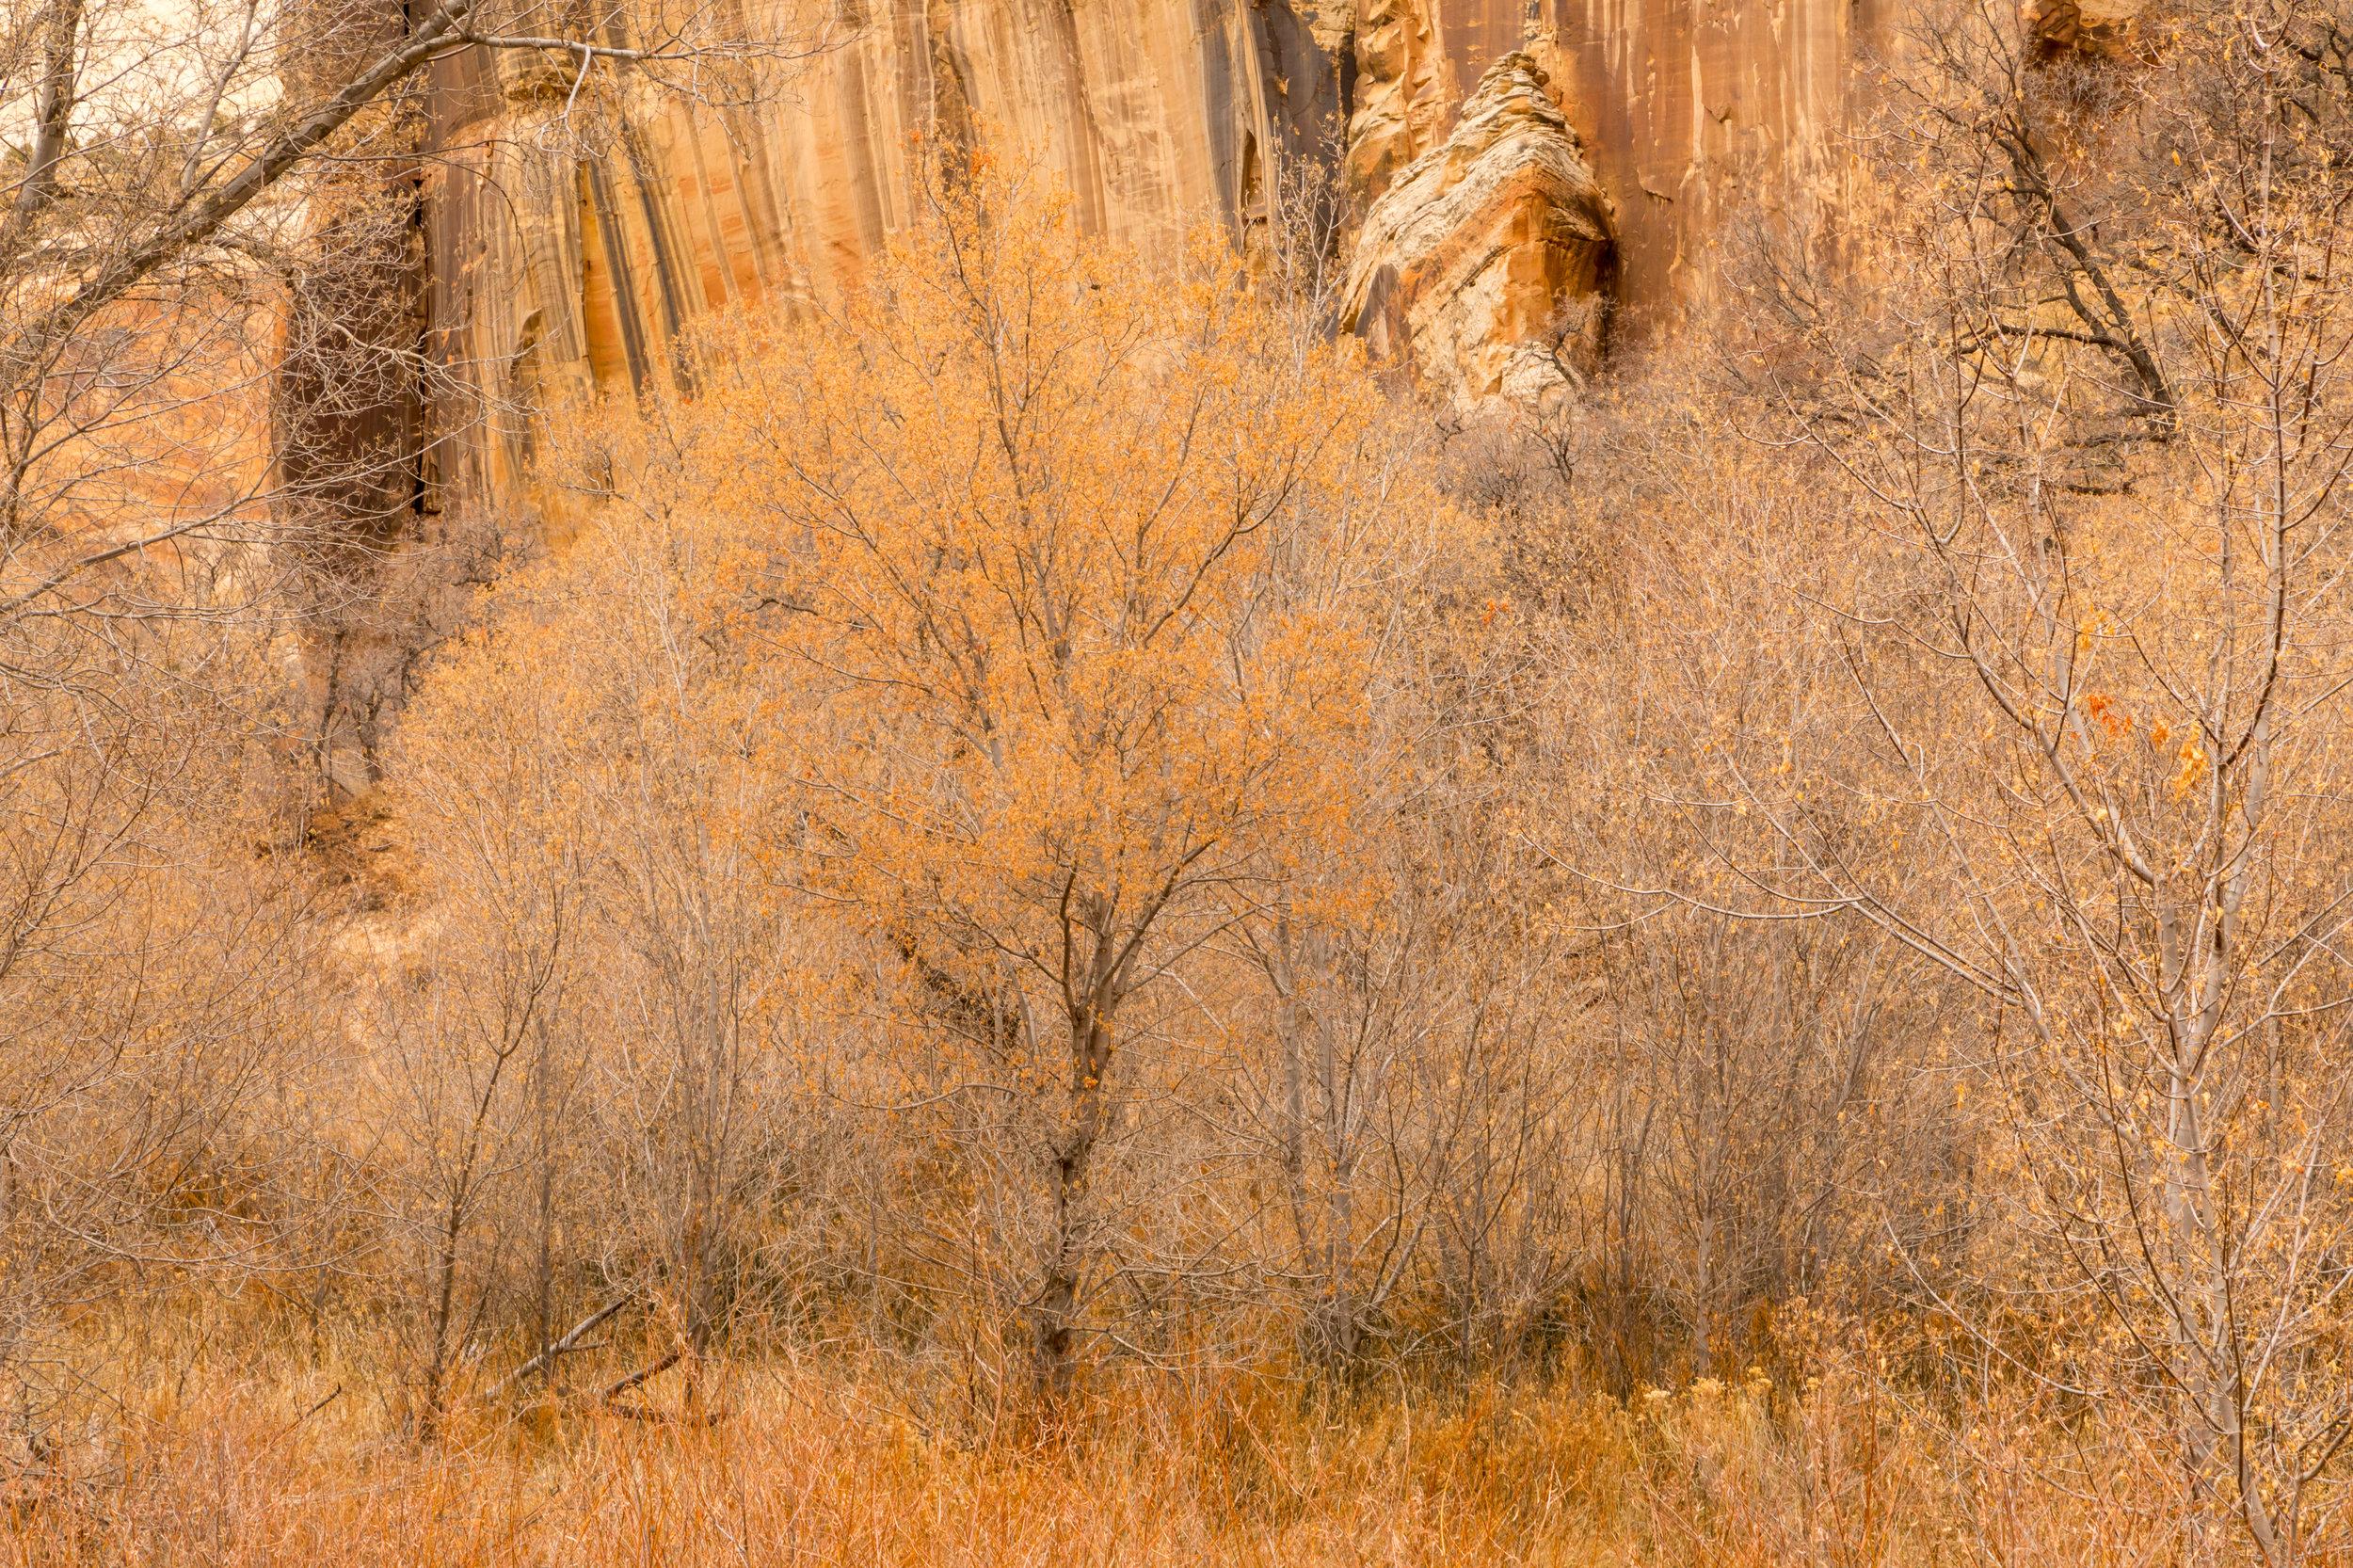 Lower Calf Creek Falls, Image # 3950